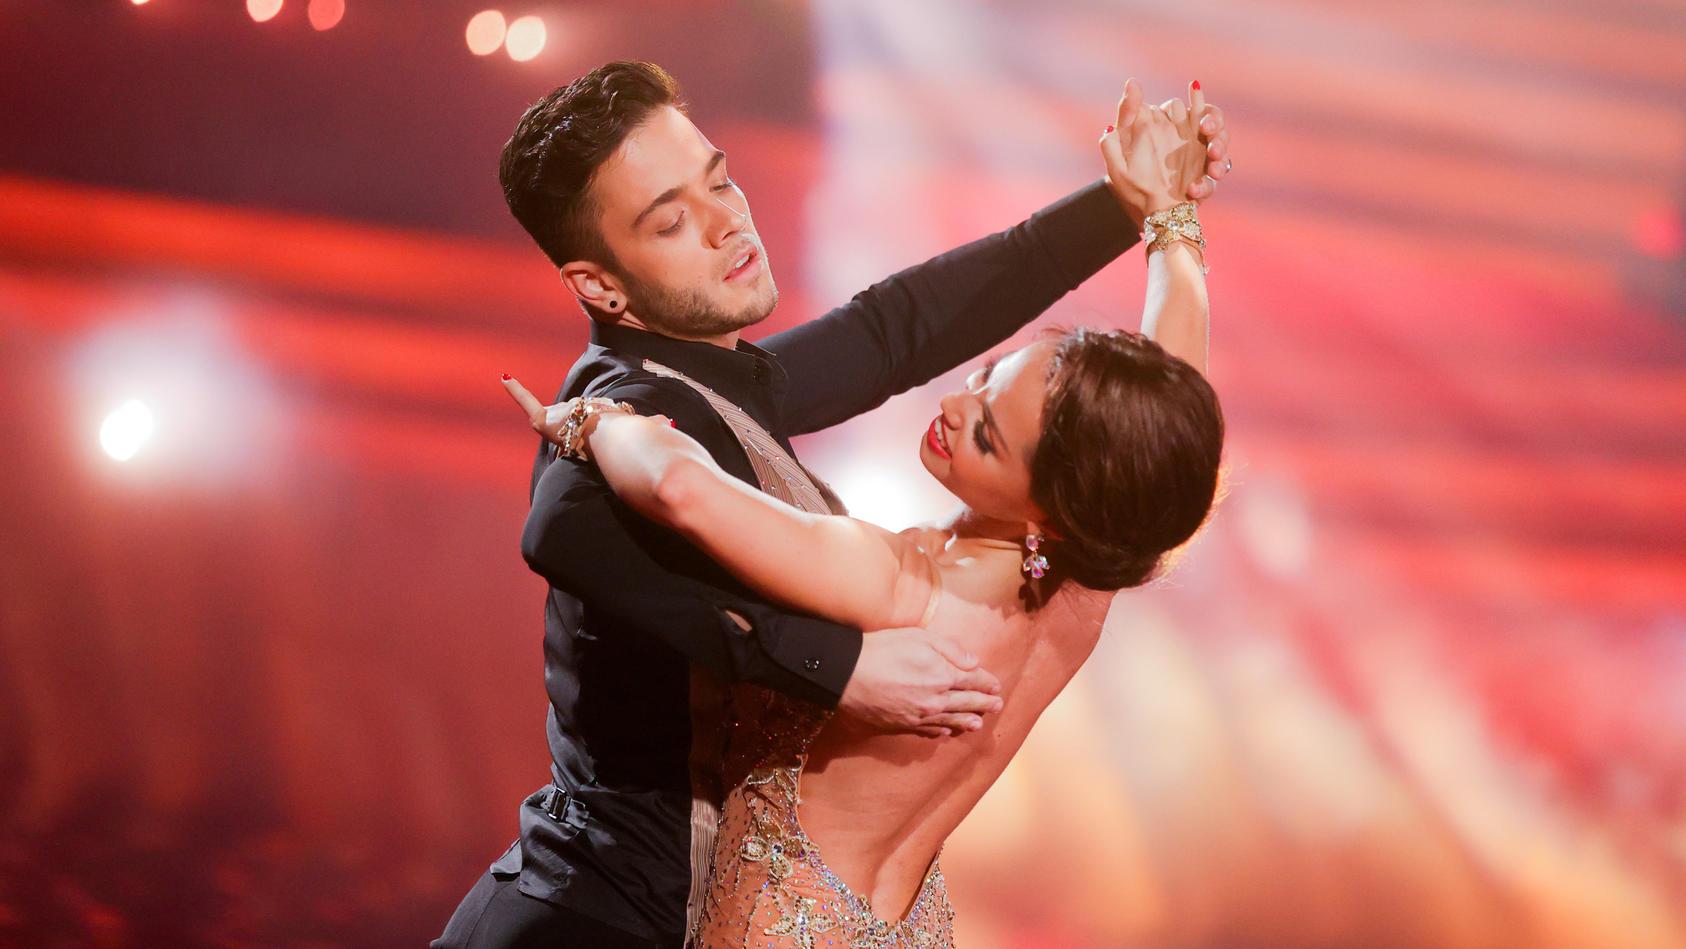 """Bei der Tanzshow """"Let's Dance"""" konnten die Zuschauer sehen, wie gut sich Christina und Luca verstanden haben."""